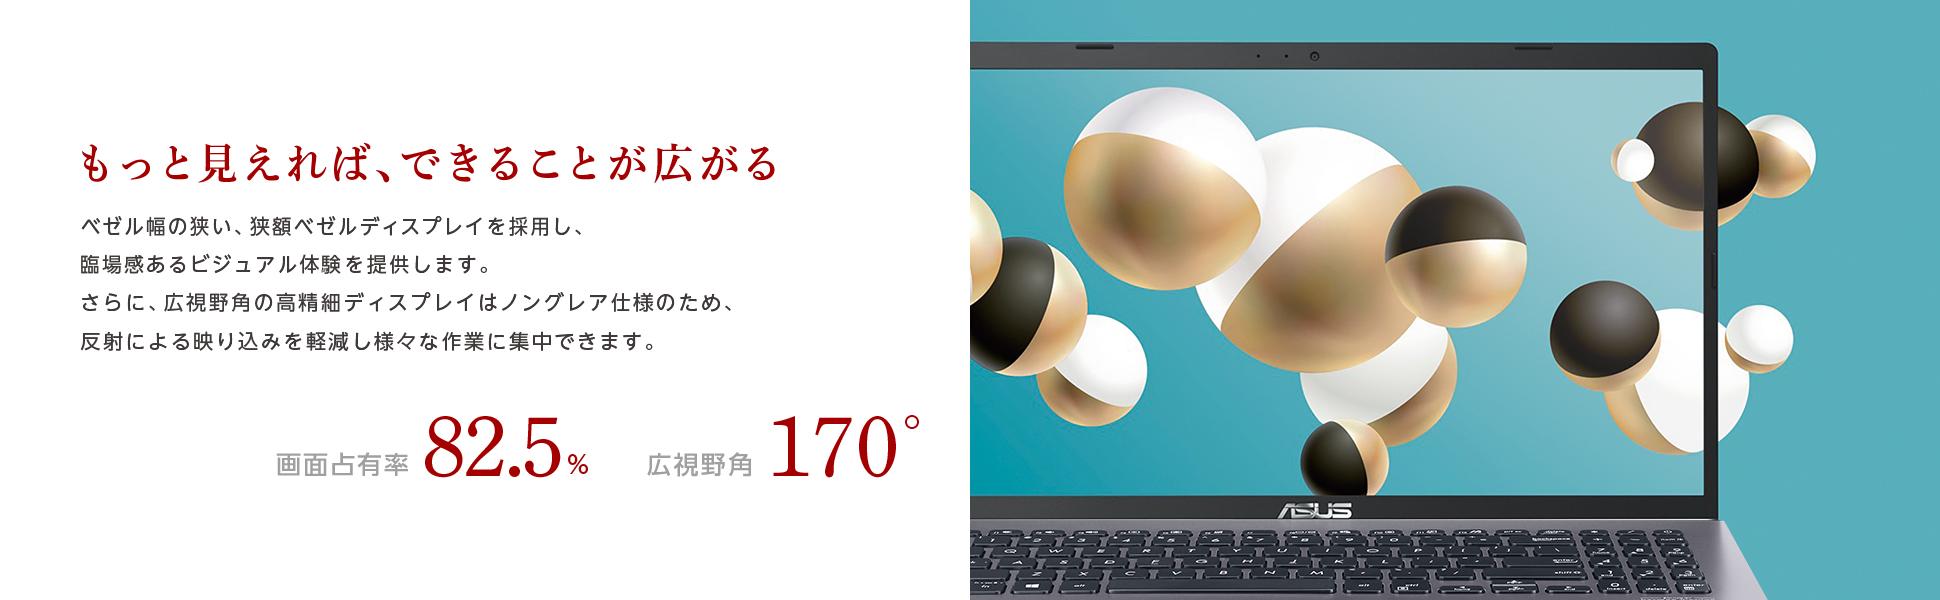 X545FA_2